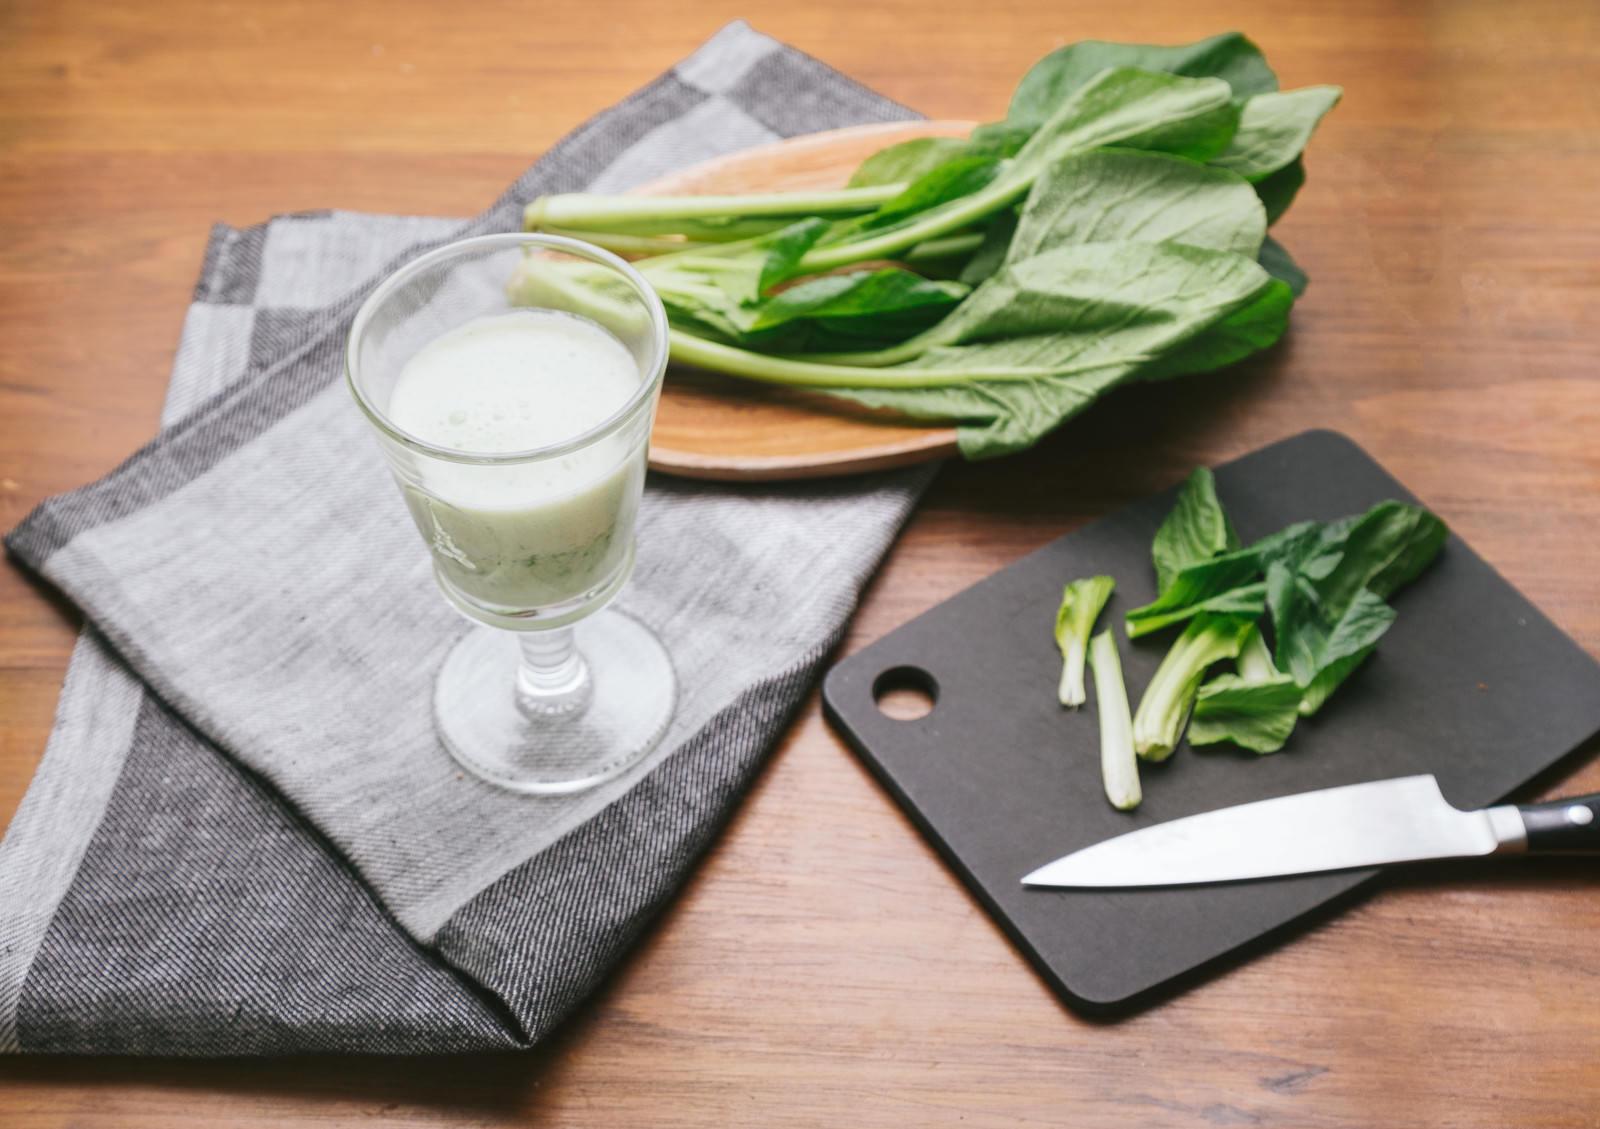 「小松菜で作ったヘルシーなスムージー小松菜で作ったヘルシーなスムージー」のフリー写真素材を拡大